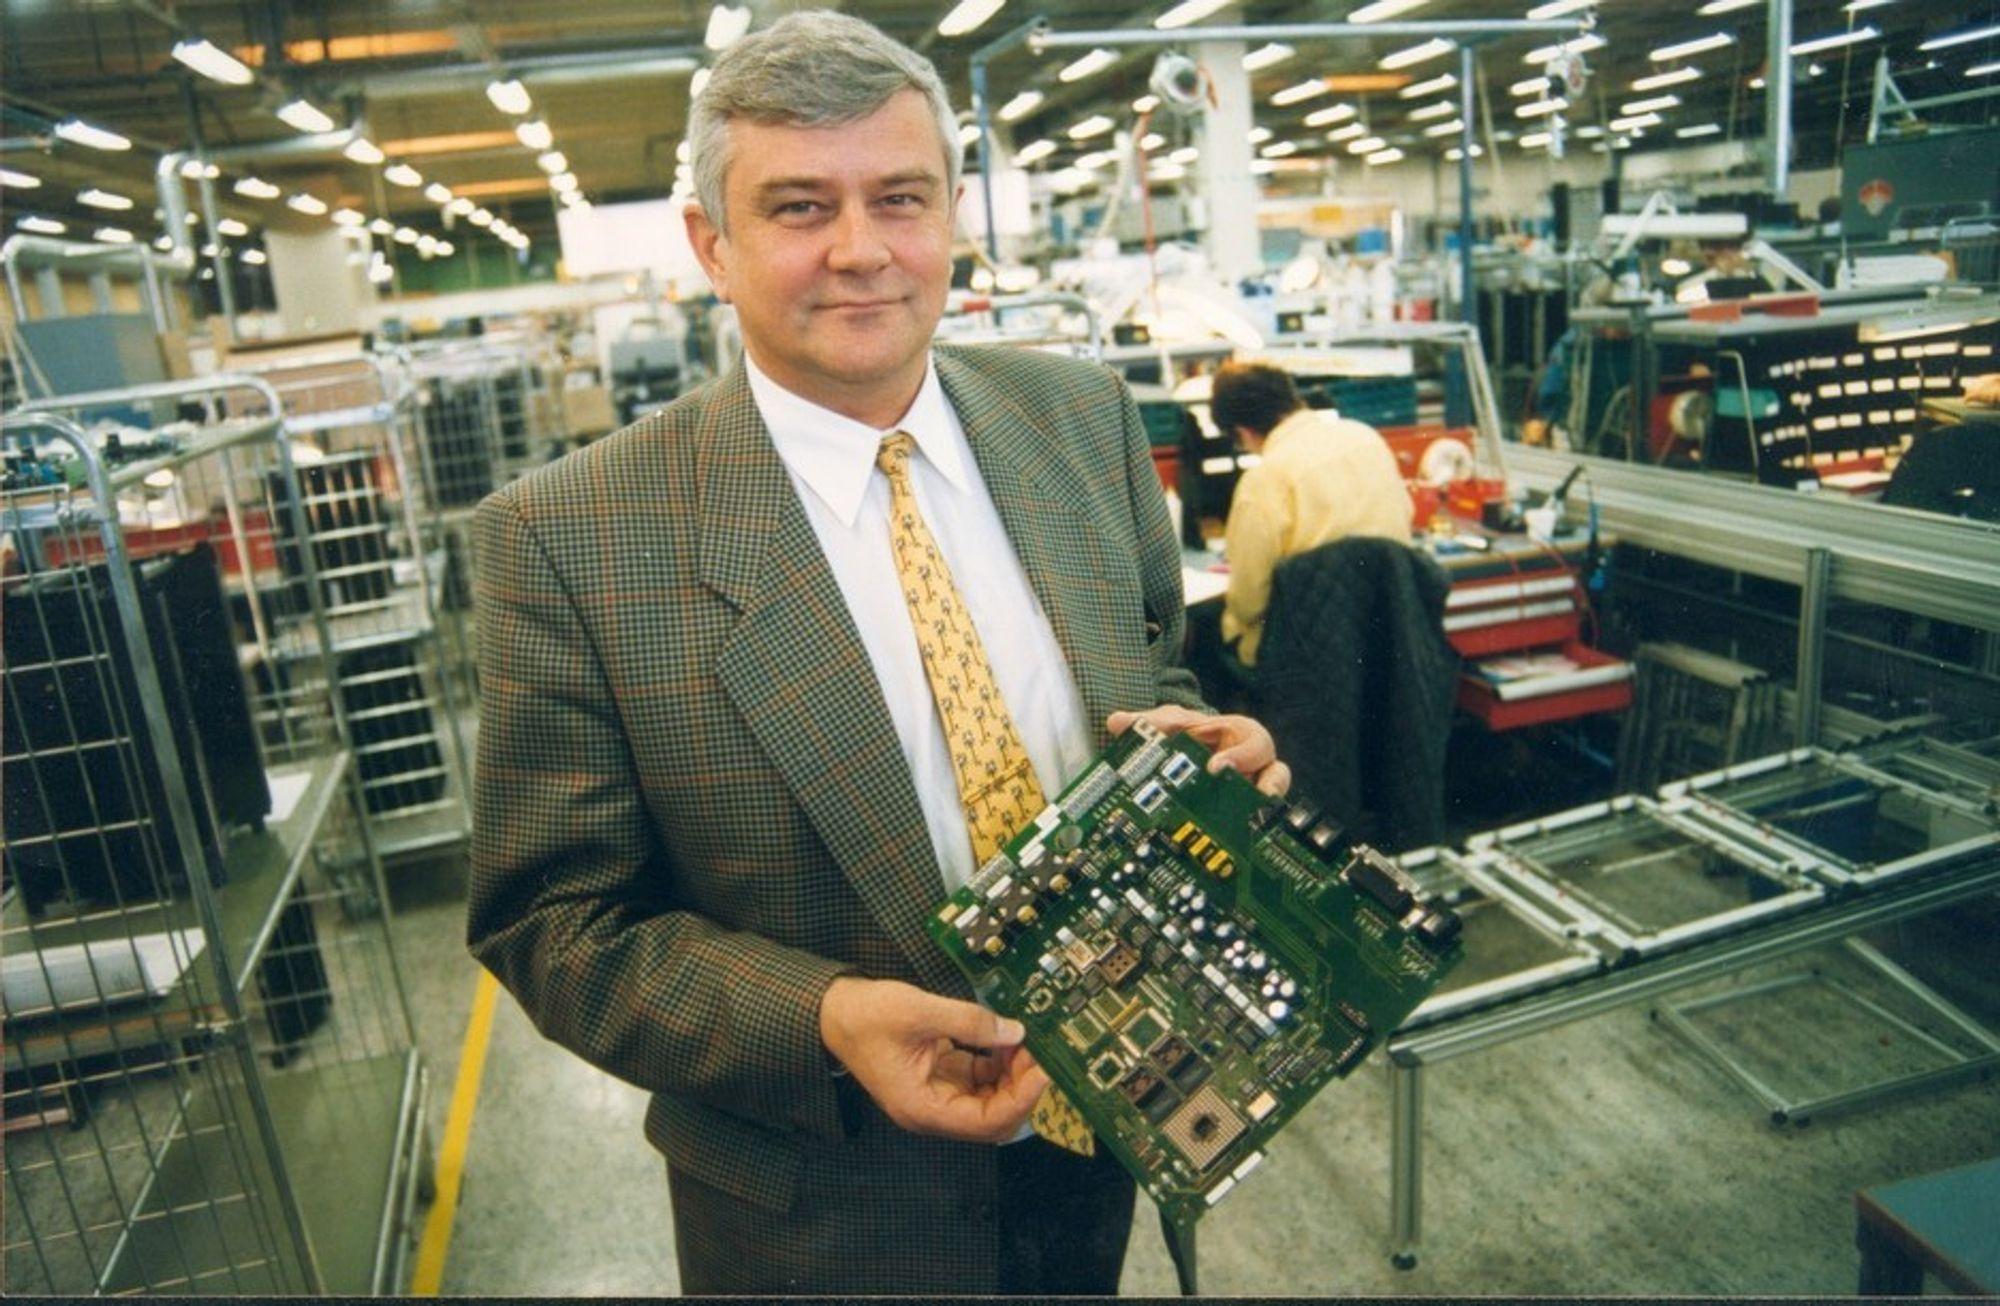 DEN GANG DA: Per Sølvberg i Kilsund-fabrikken i 1997. Han var den gang produksjonssjef, og strategien var vekst gjennom oppkjøp. Sølvberg har siden vært med på  etableringen Litauen.